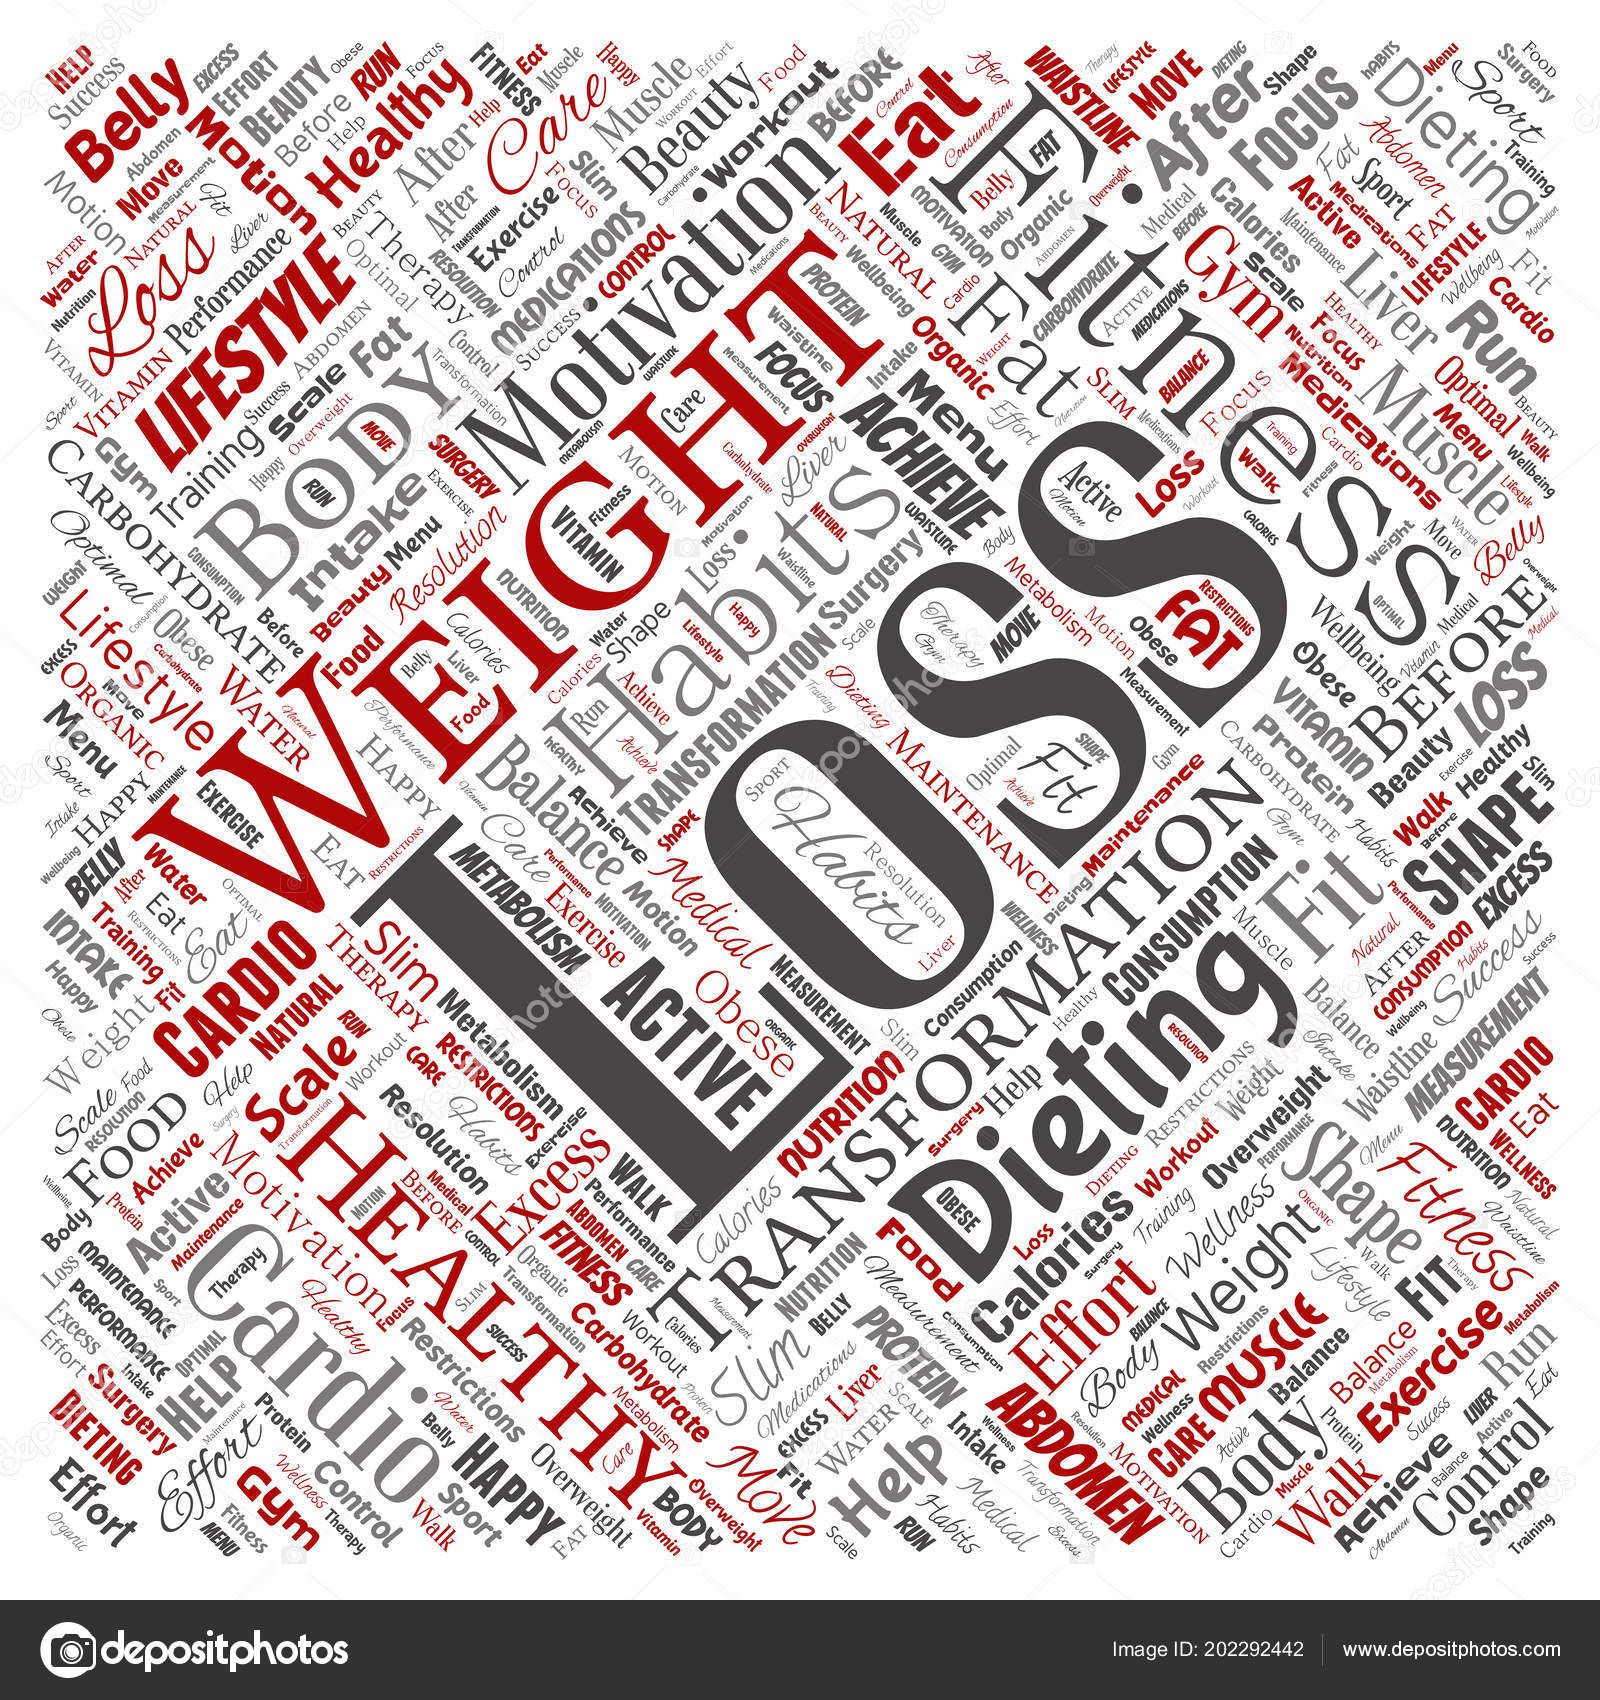 1b024e58da63 Вектор концептуальной вес потеря здорового питания Трансформация квадрата  красные слово облако изолированный фон. Коллаж фитнес мотивация жизни, ...